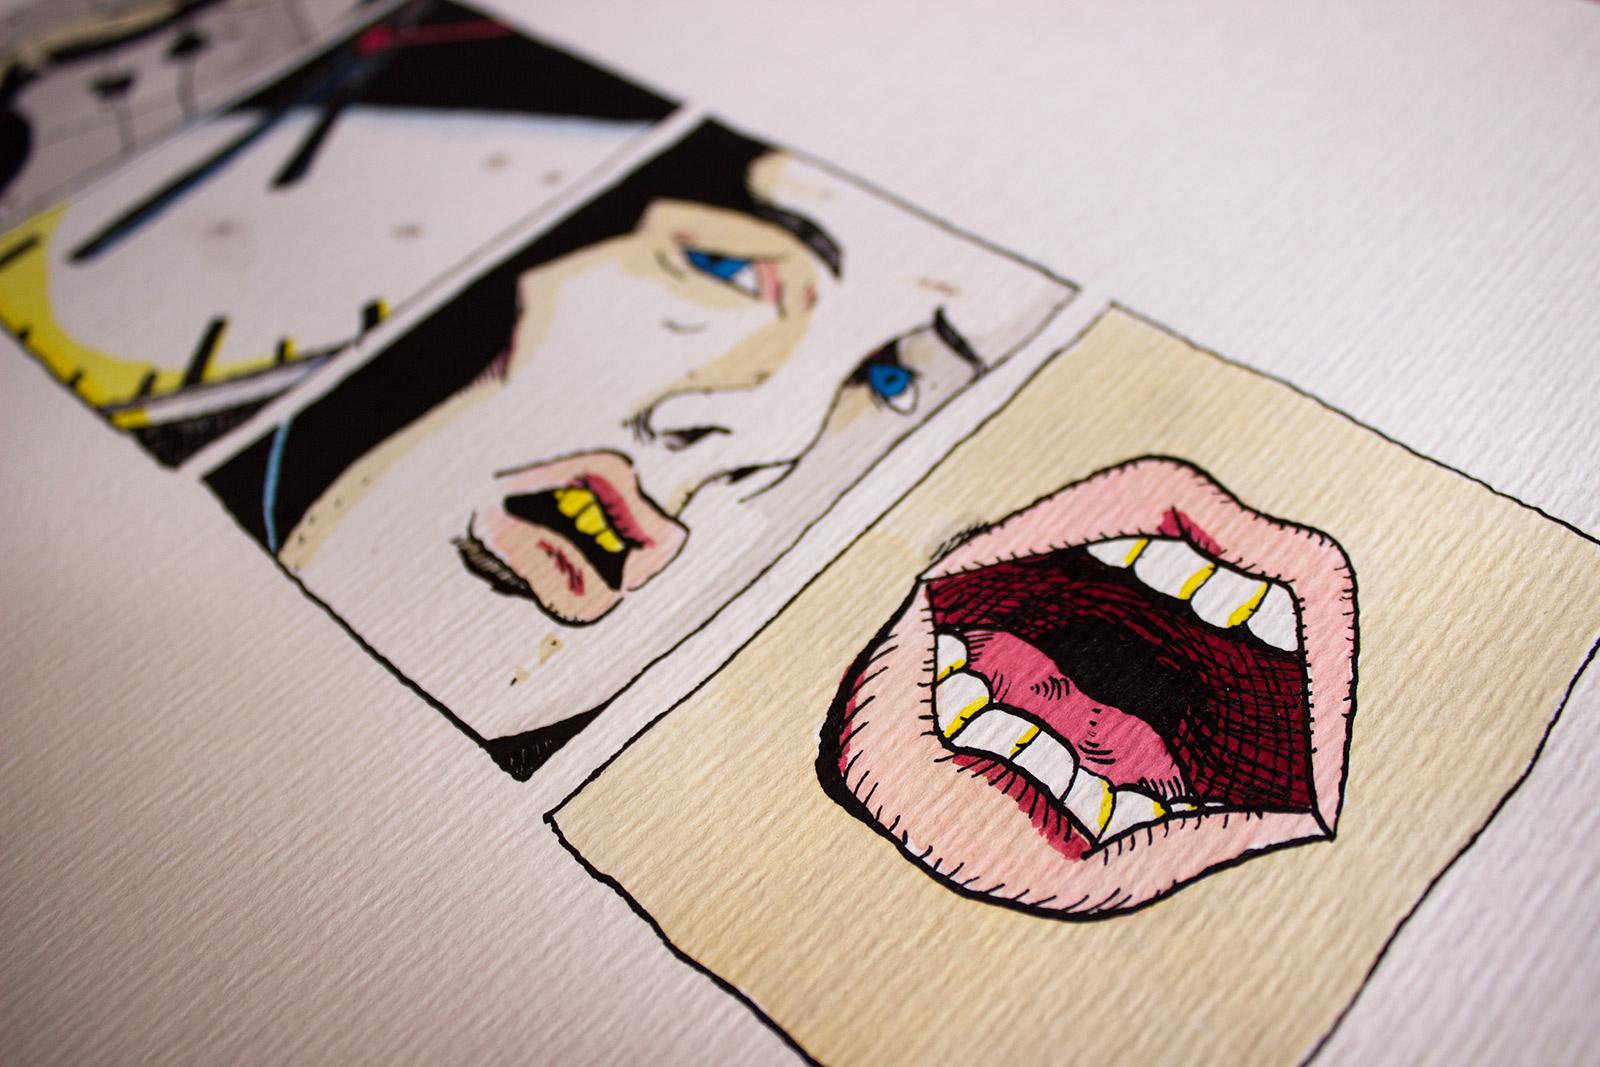 tegninger, grafiske, illustrative, pop, portræt, tegneserier, hverdagsliv, stemninger, mennesker, sorte, hvide, gule, blæk, papir, akvarel, ansigter, skitse, Køb original kunst og kunstplakater. Malerier, tegninger, limited edition kunsttryk & plakater af dygtige kunstnere.